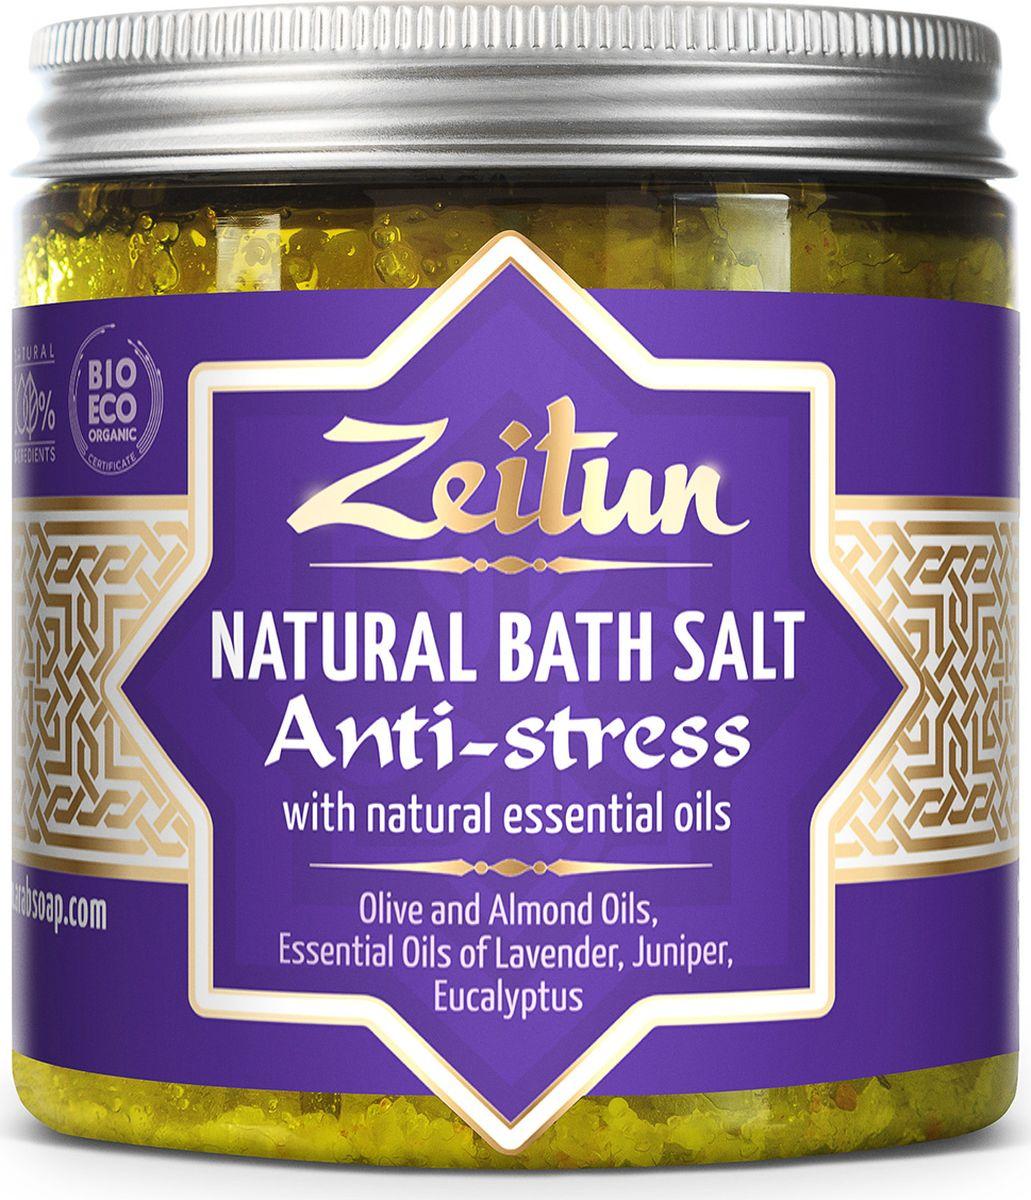 """Зейтун Аромасоль для ванны антистресс, 250 млZ2102Ароматизированная соль для ванн """"Антистресс"""" содержит эфирные масла лаванды, можжевельника и эвкалипта, знаменитые своим антистрессовым действием: они бережно успокаивают нервную систему, расслабляют все ваше тело и ум, а также мягко ухаживают за кожей, обновляют ее и обеспечивают глубокое увлажнение.Основа из солей Мертвого моря и Индийского океана обеспечивает коже самое богатое микроэлементное питание и оздоровление, а гидрофильные масла оливы и миндаля глубоко увлажняют, полностью впитываясь и не оставляя масляных разводов на воде.Компоненты:Соль Мертвого моряСоль Индийского океанаЭфирные масла лаванды, можжевельника и эвкалиптаГидрофильные масла (оливковое, миндальное)"""